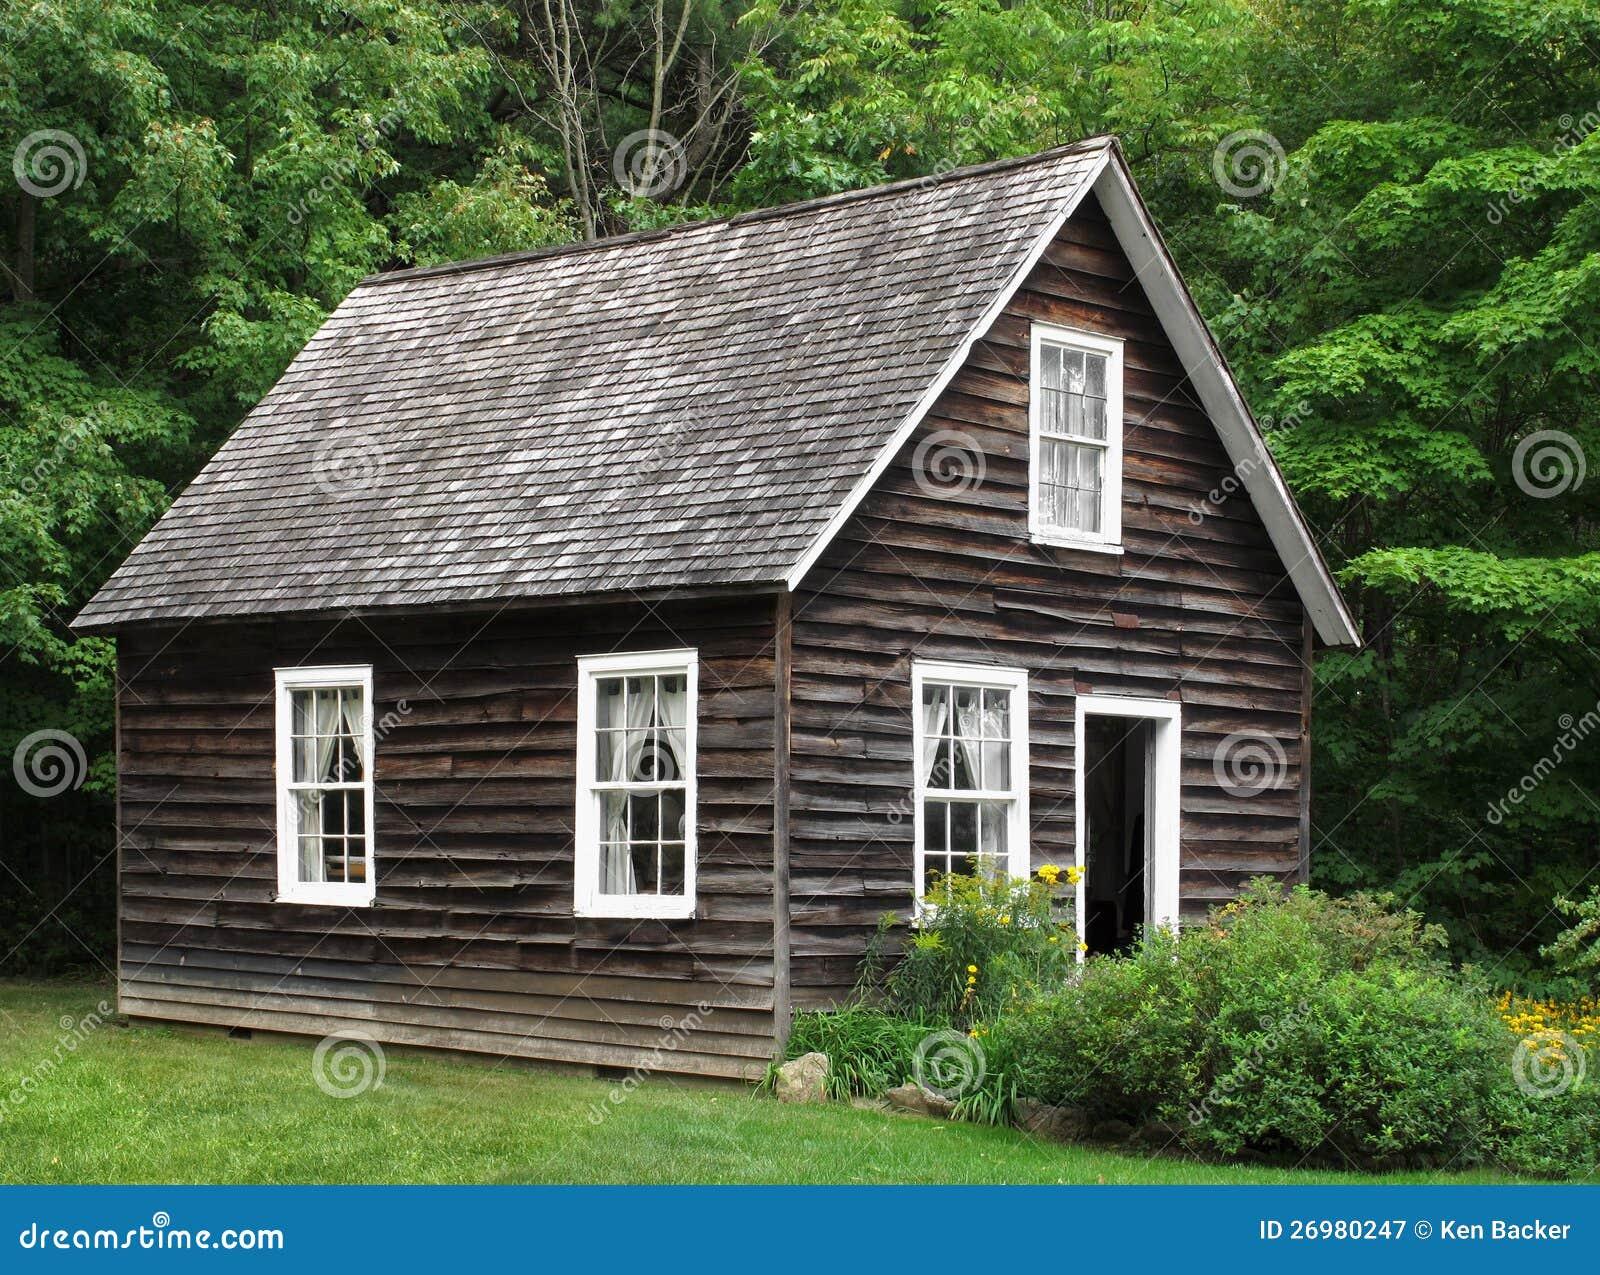 Peque a casa de madera r stica en rboles - Casa de madera rustica ...